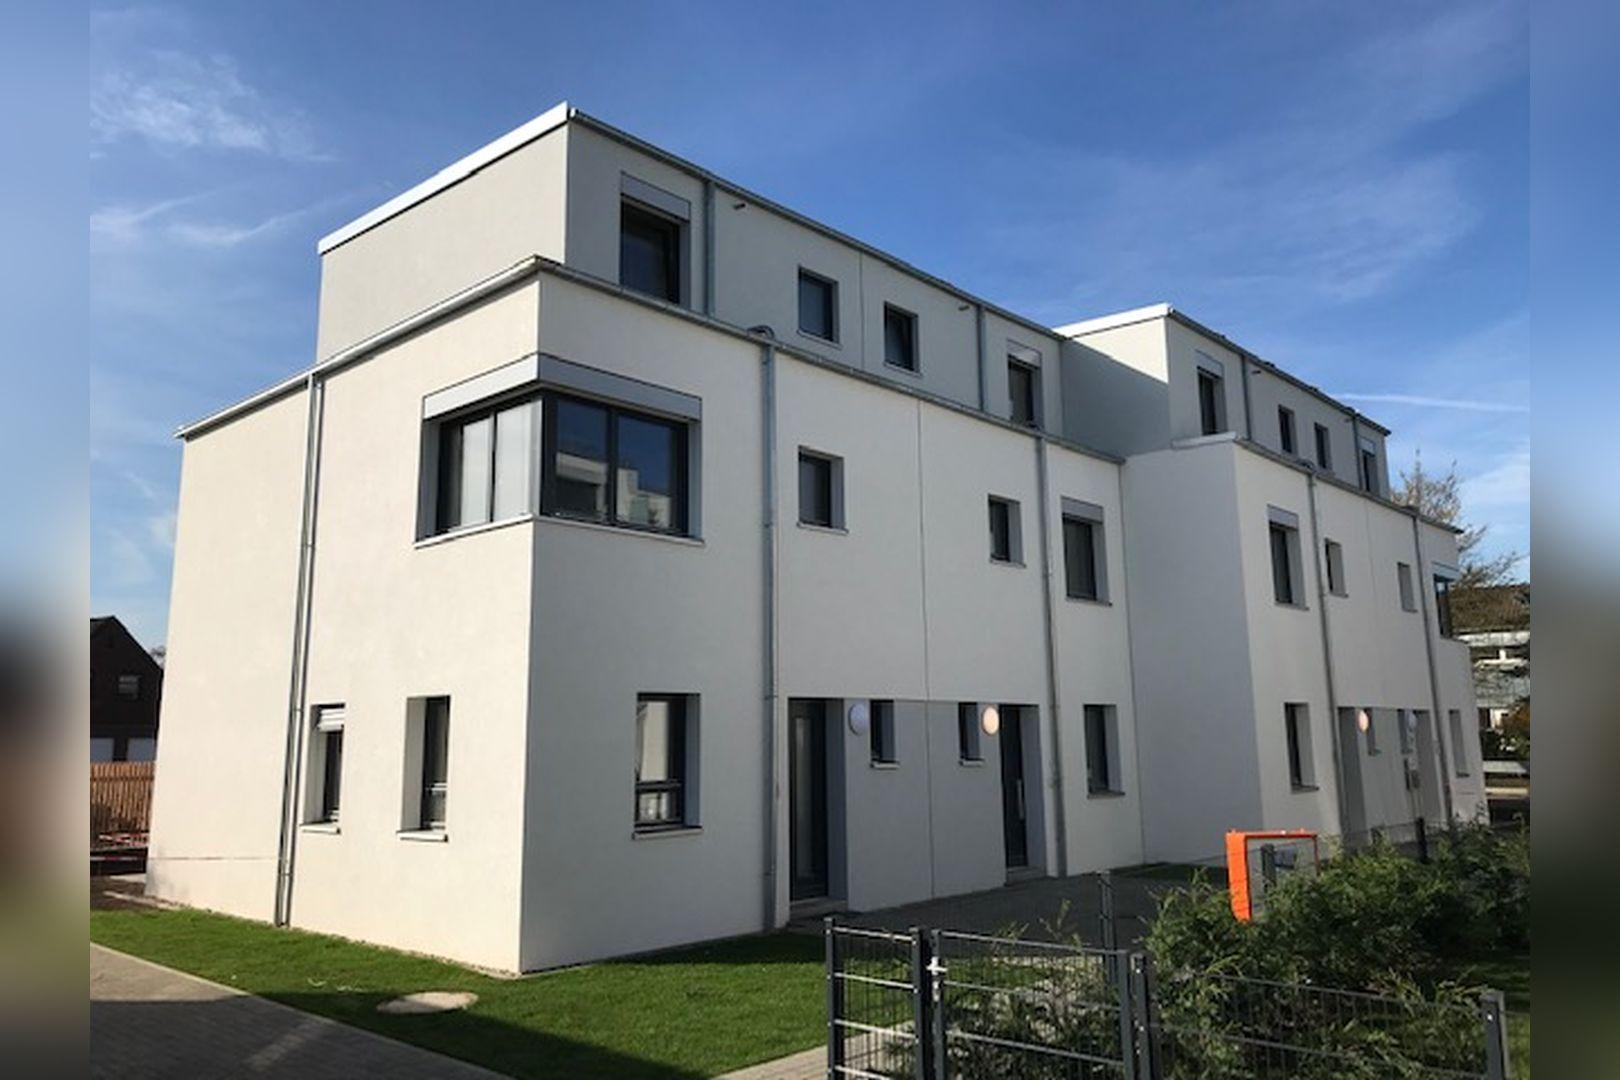 Immobilie Nr.BÖ-000 - Energieeffizientes Neubauquartier mit 20 Wohneinheiten und TG - Bild 11.jpg